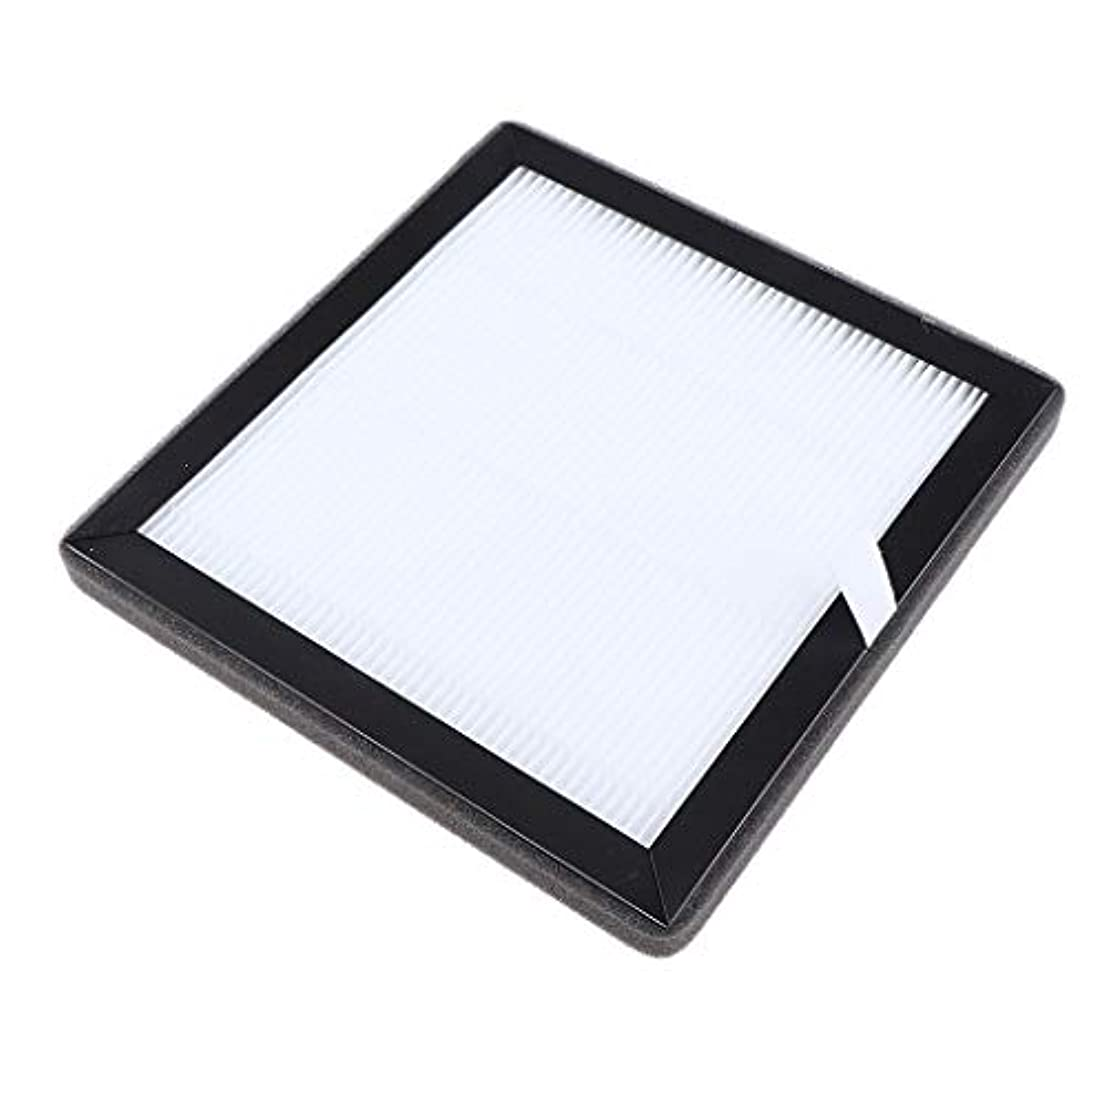 失効確率コメンテーター60Wネイルアートダスト真空吸引コレクターのための流出しないフィルターファンスクリーン